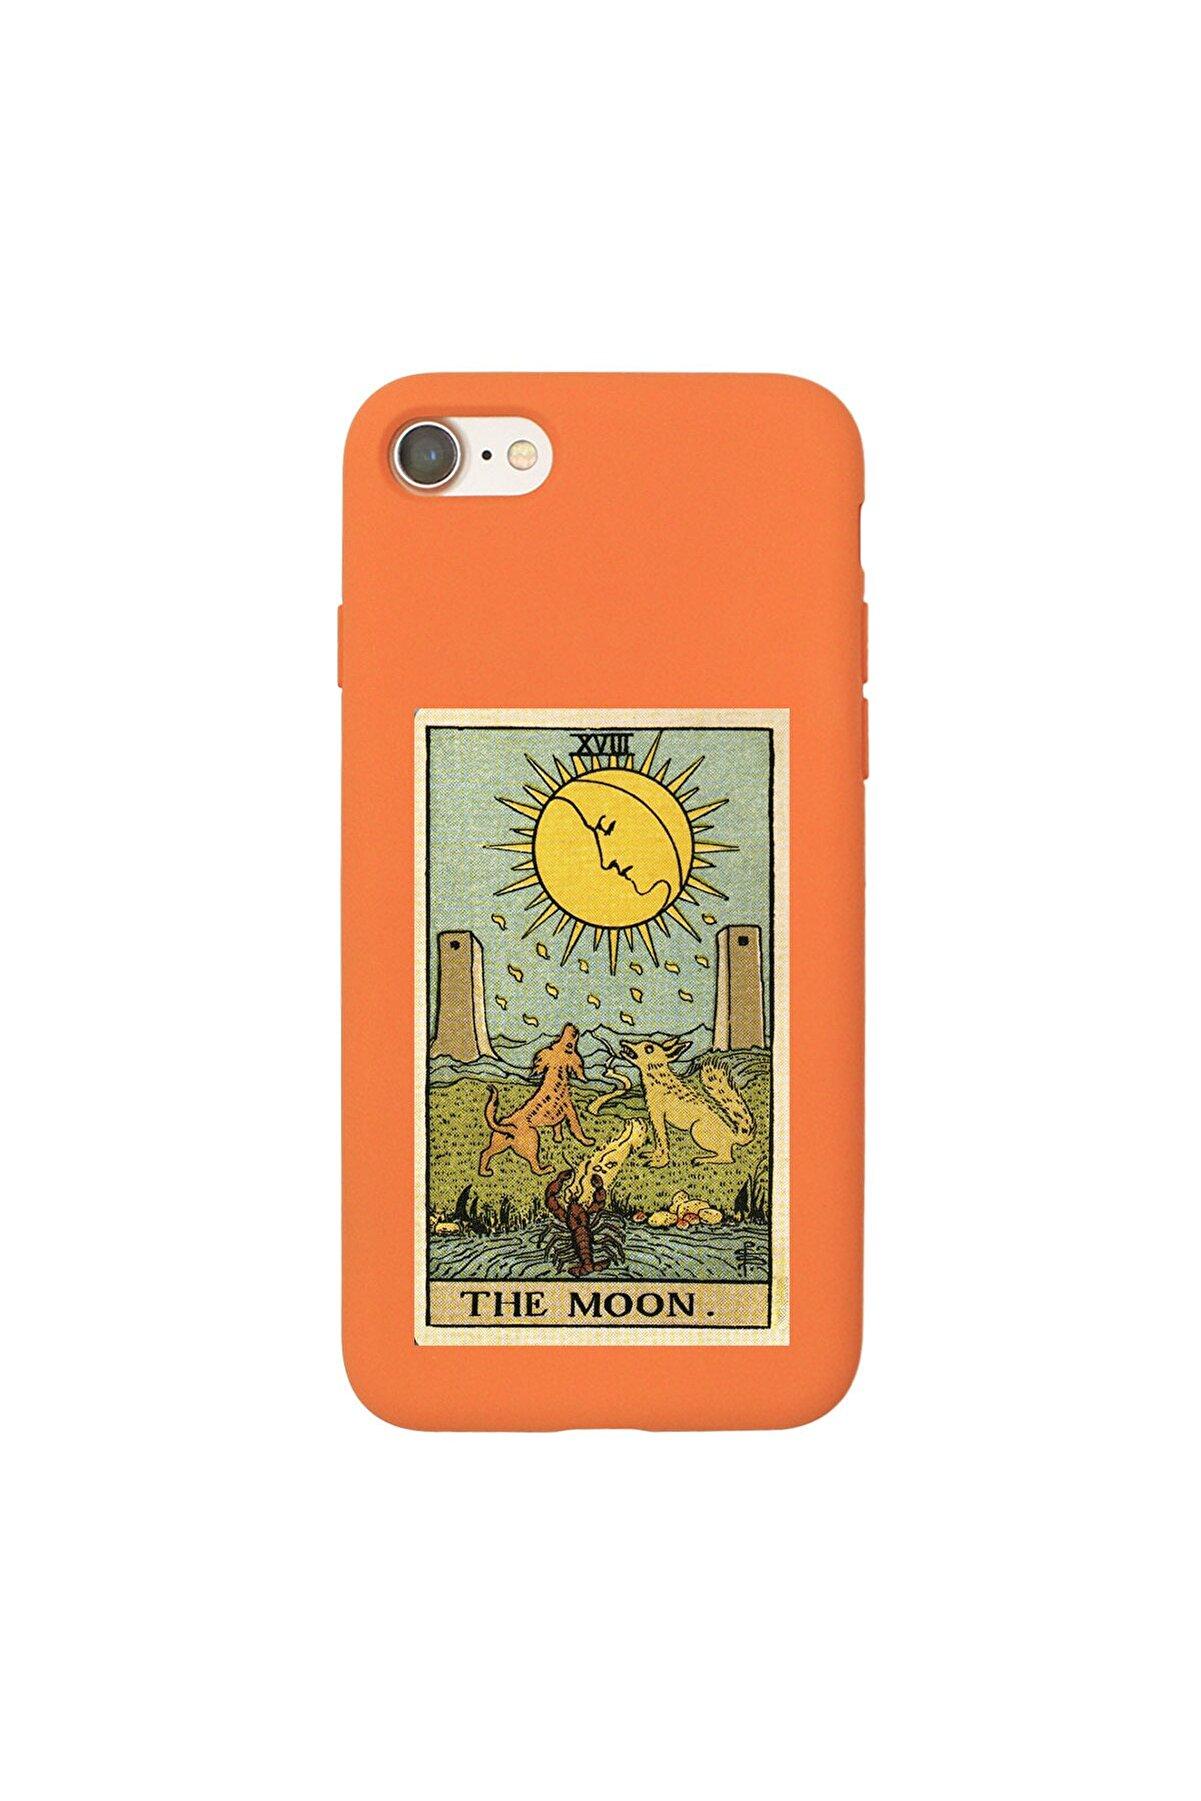 shoptocase Iphone 7 Lansman The Moon Desenli Telefon Kılıfı